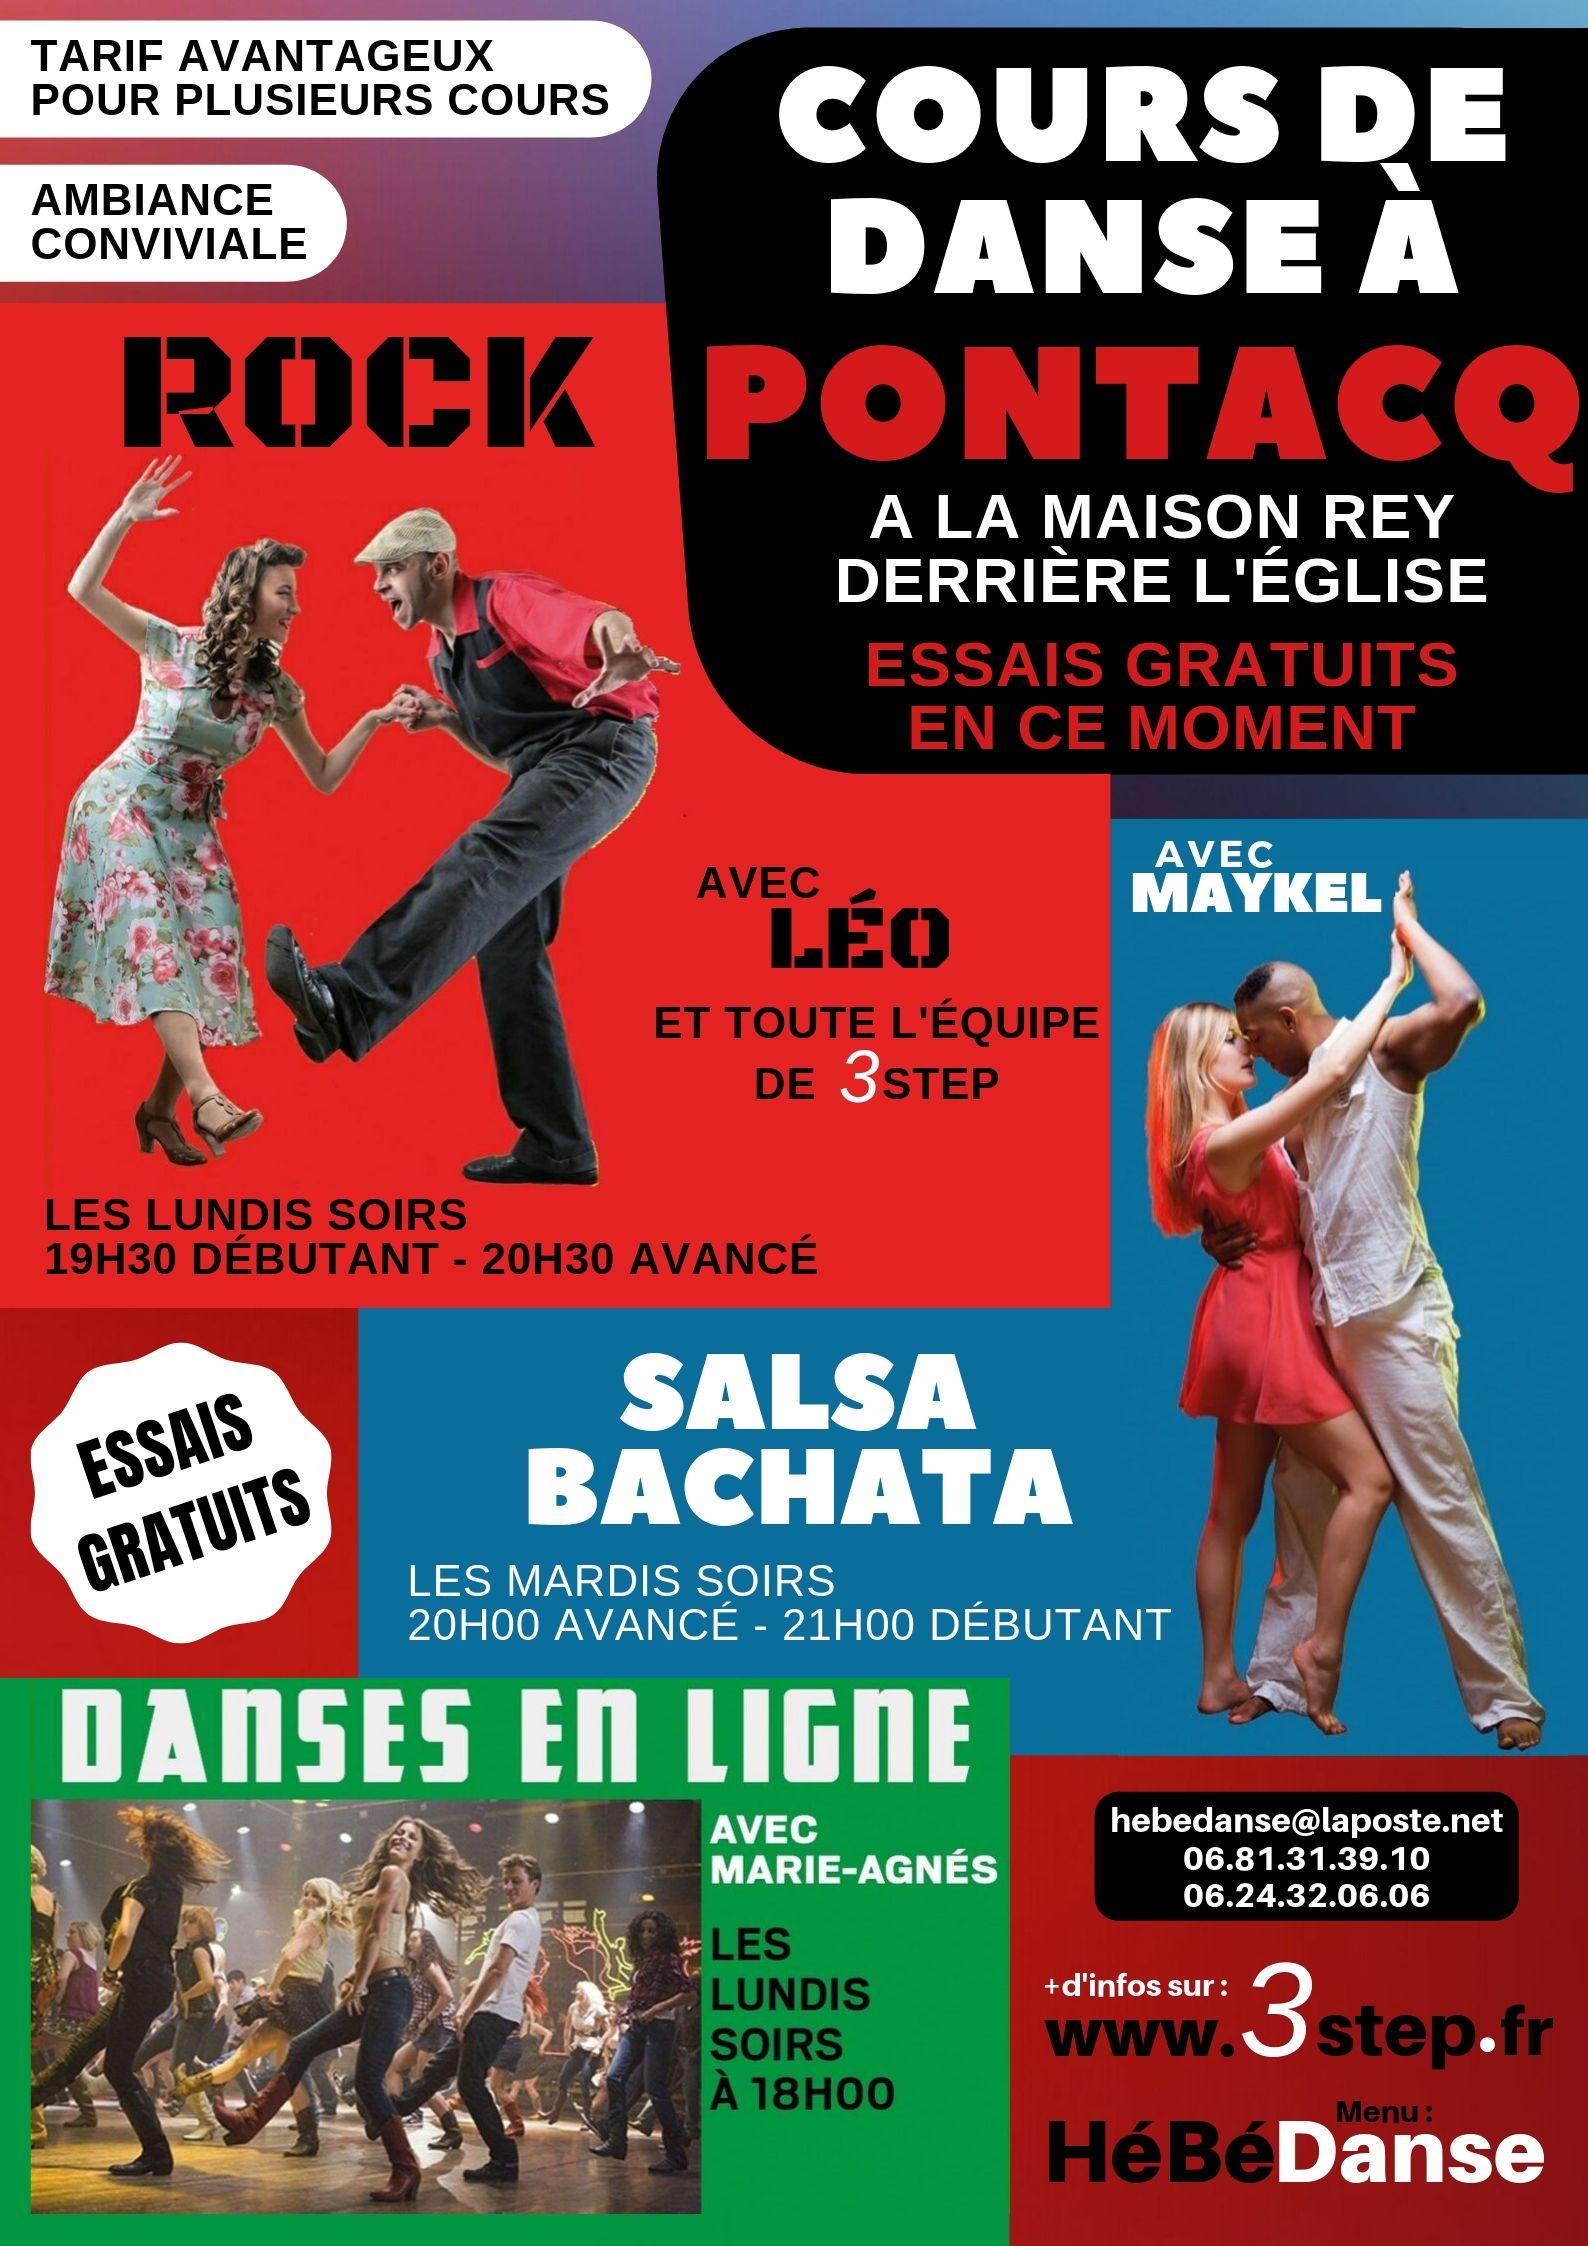 Cours Danse Pontacq